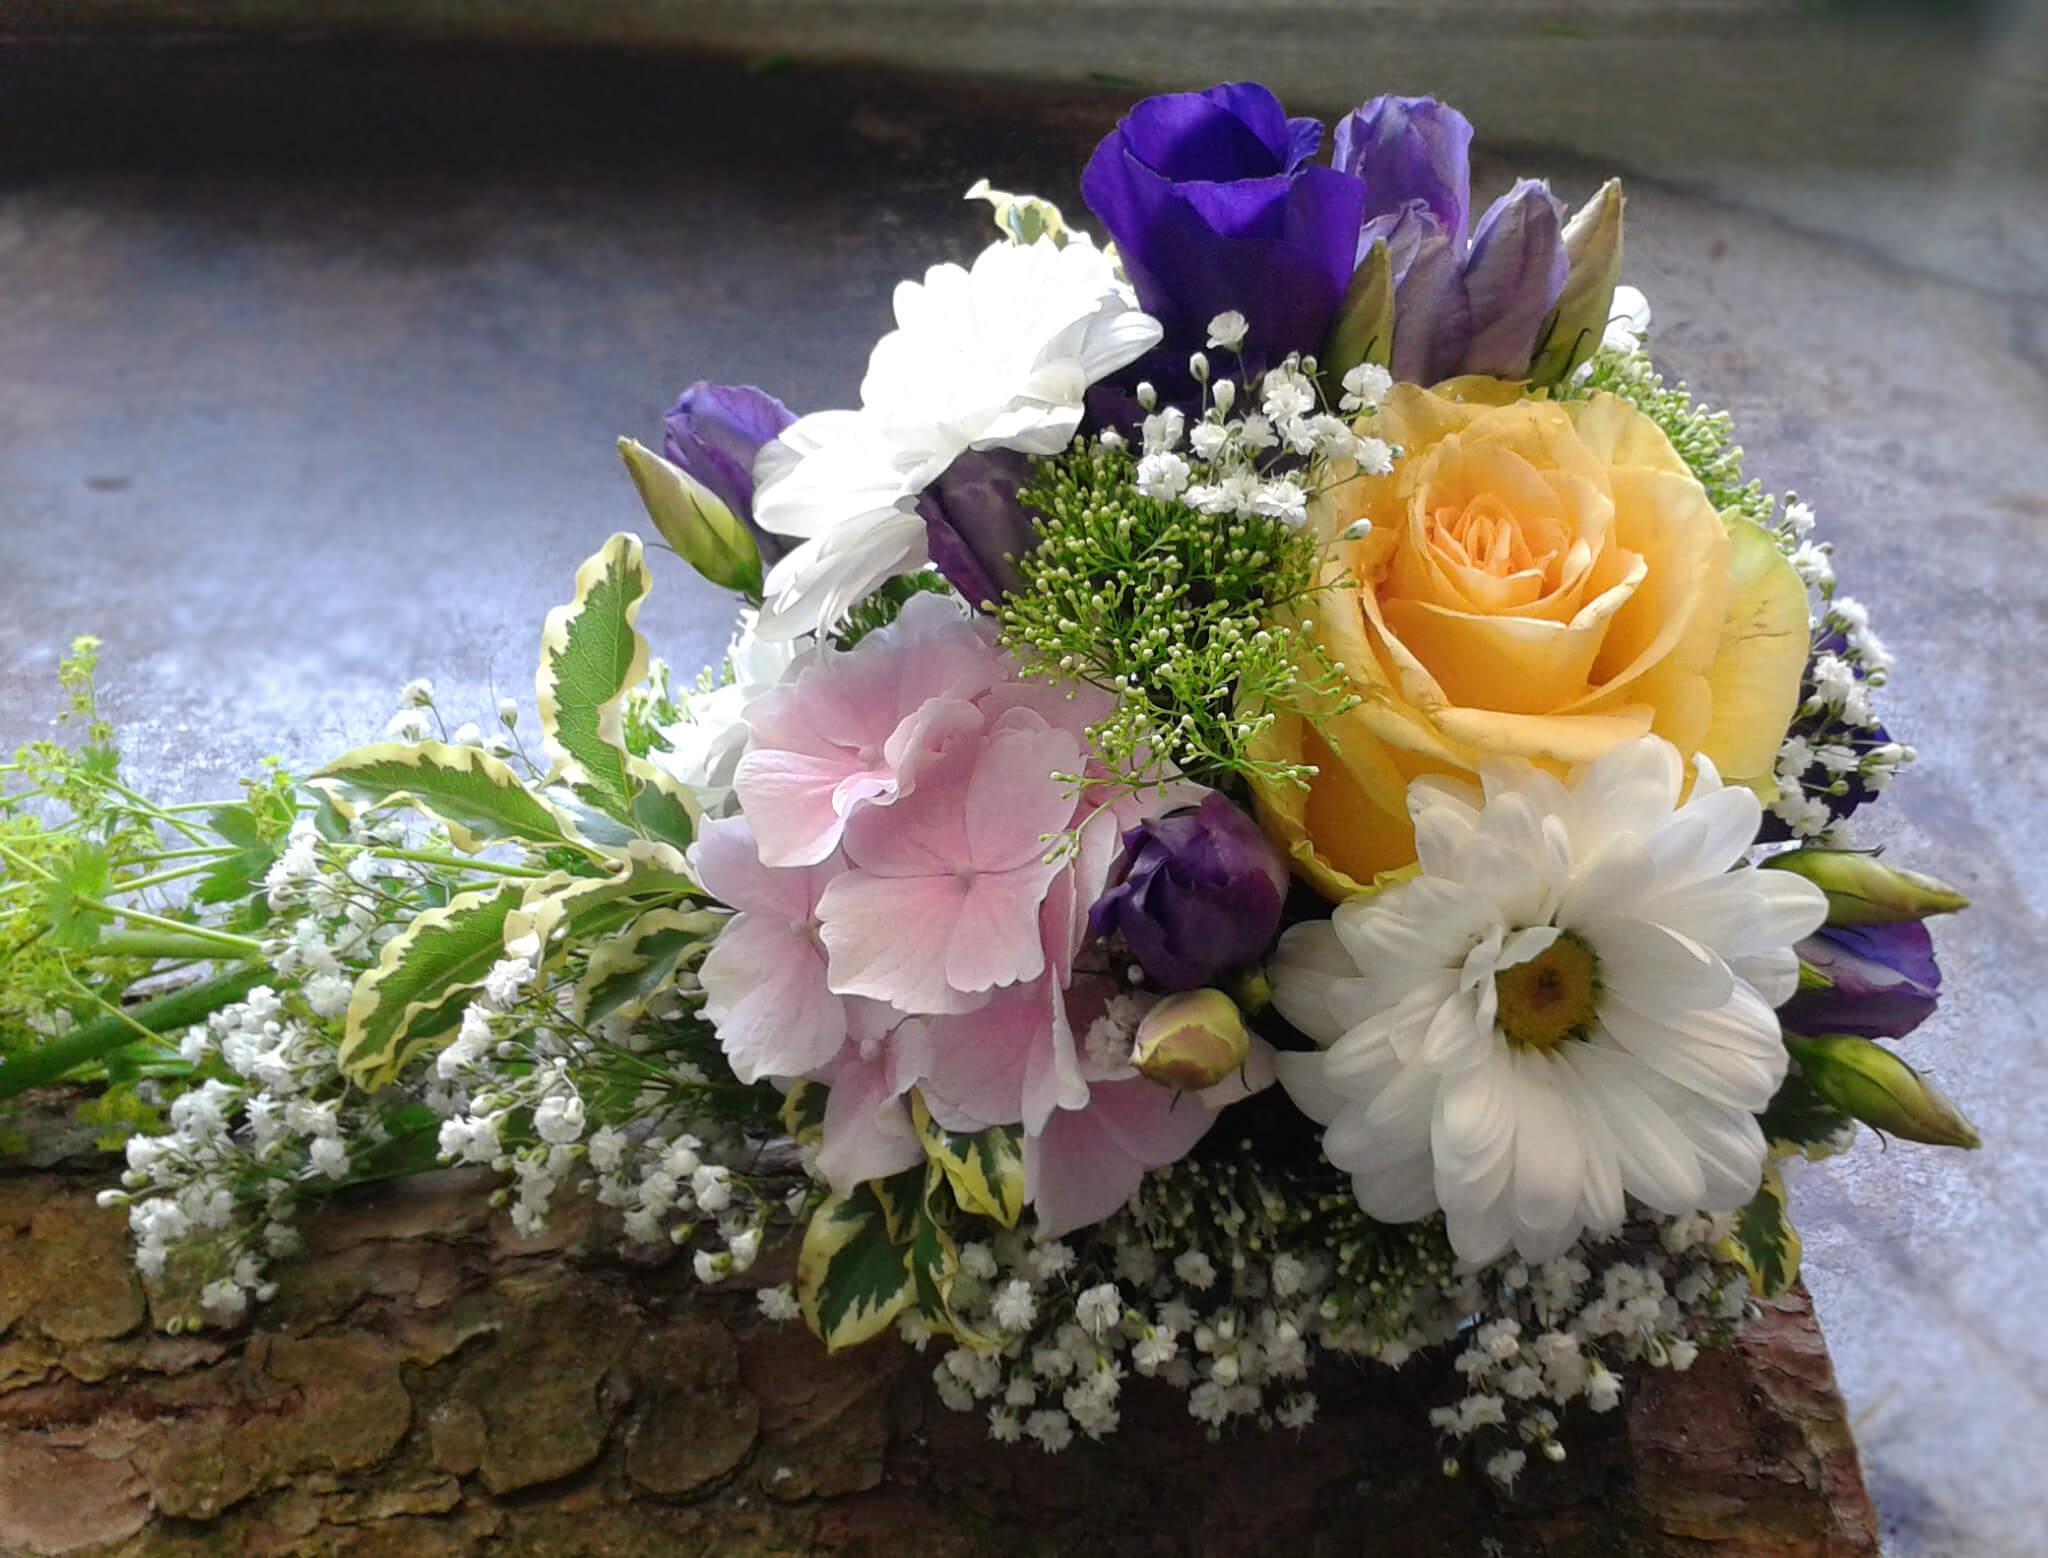 Blütengesteck in Pastellfarben